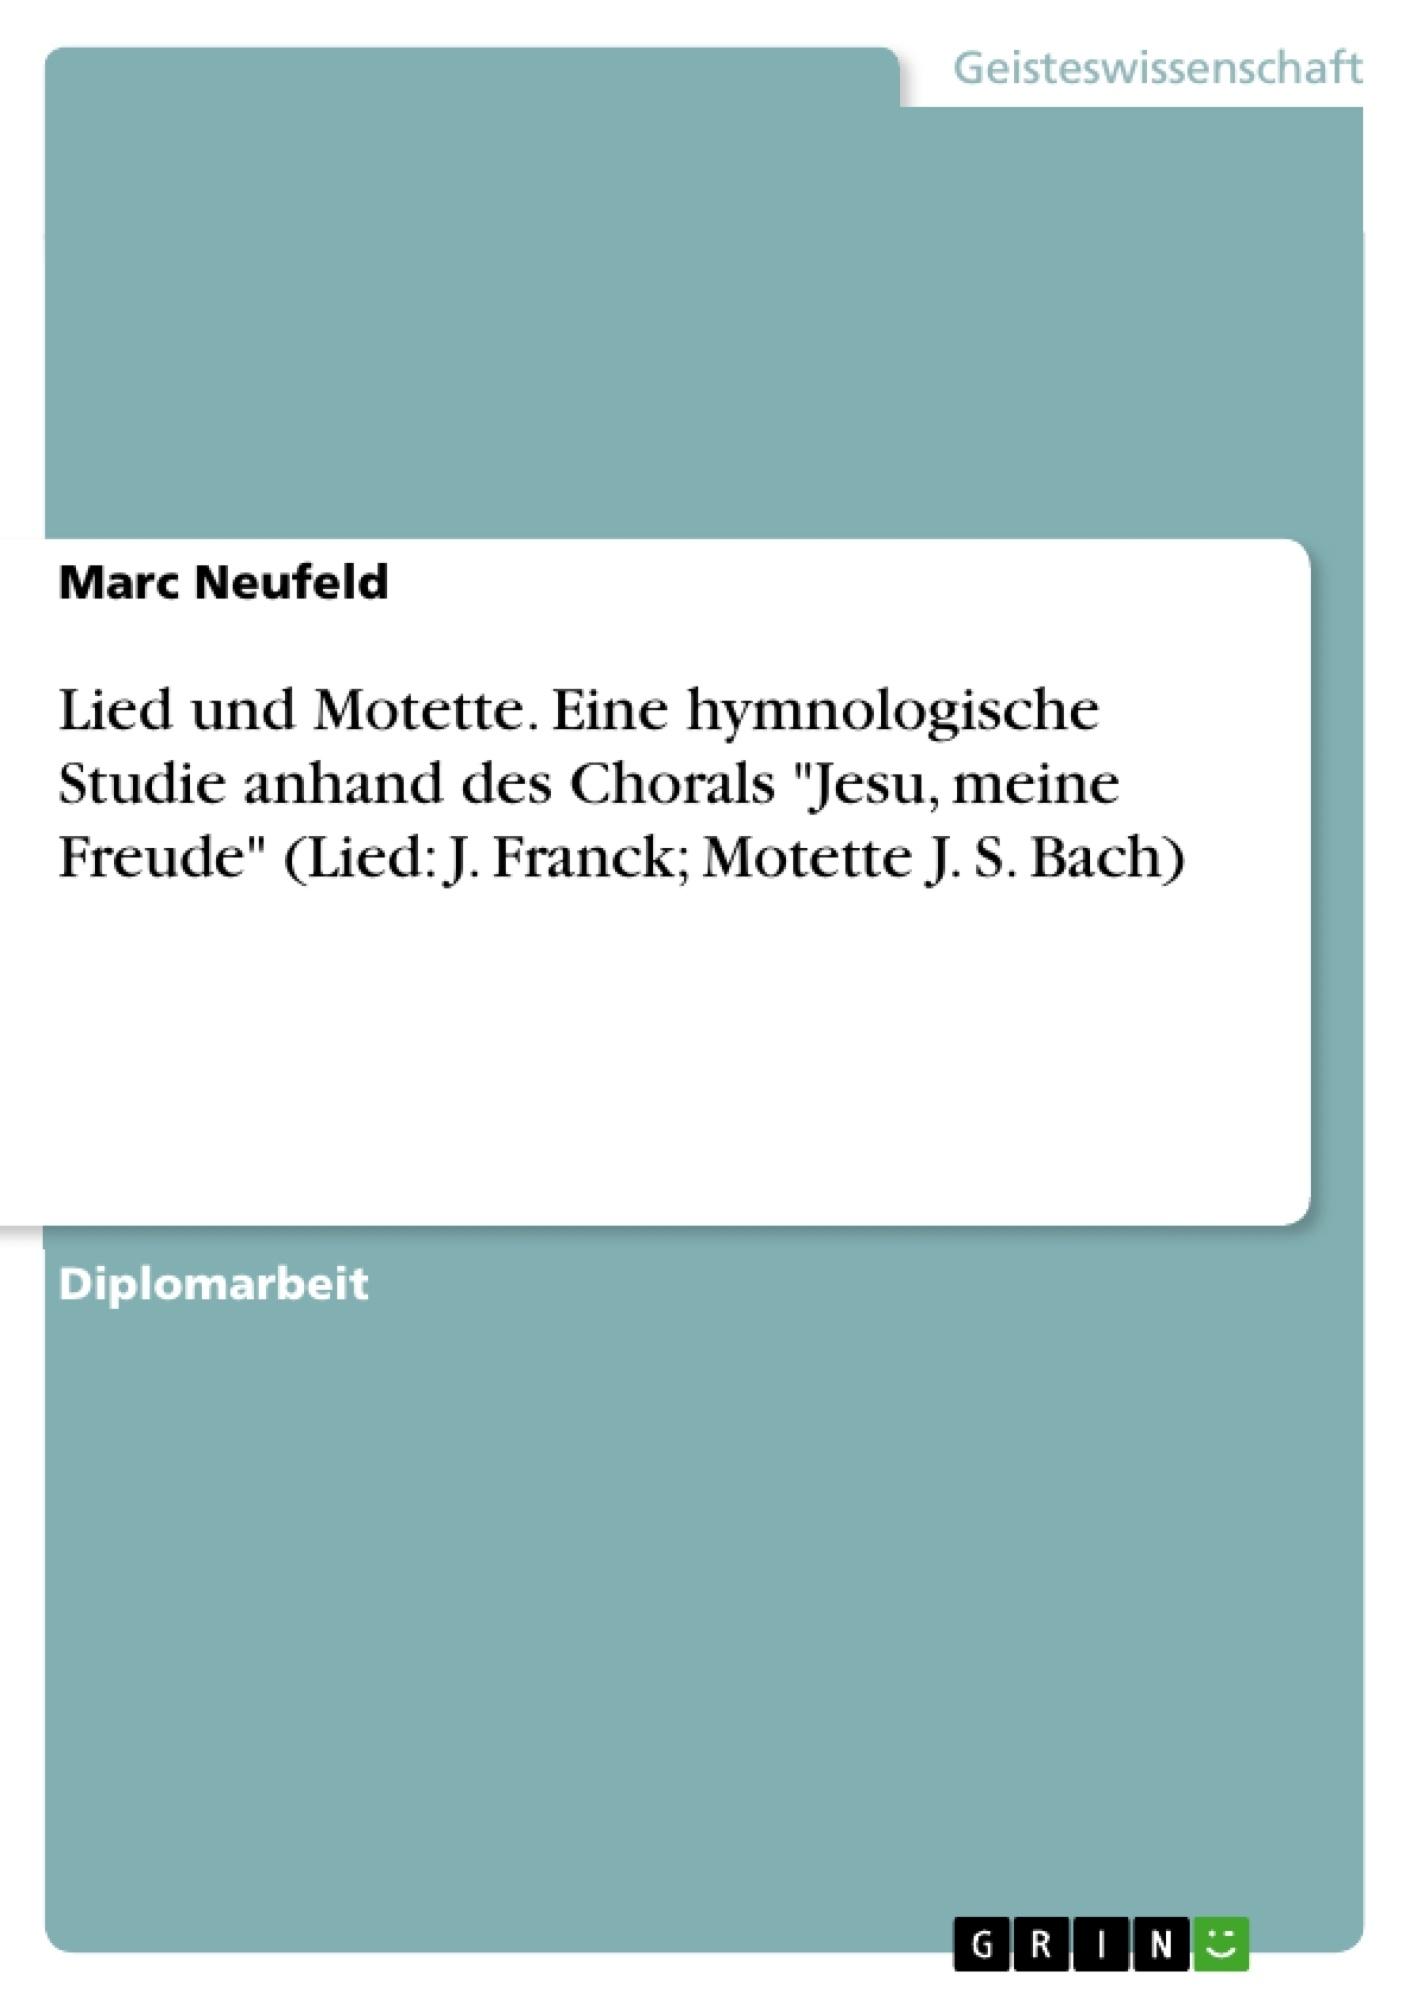 """Titel: Lied und Motette. Eine hymnologische Studie anhand des Chorals """"Jesu, meine Freude"""" (Lied: J. Franck; Motette J. S. Bach)"""